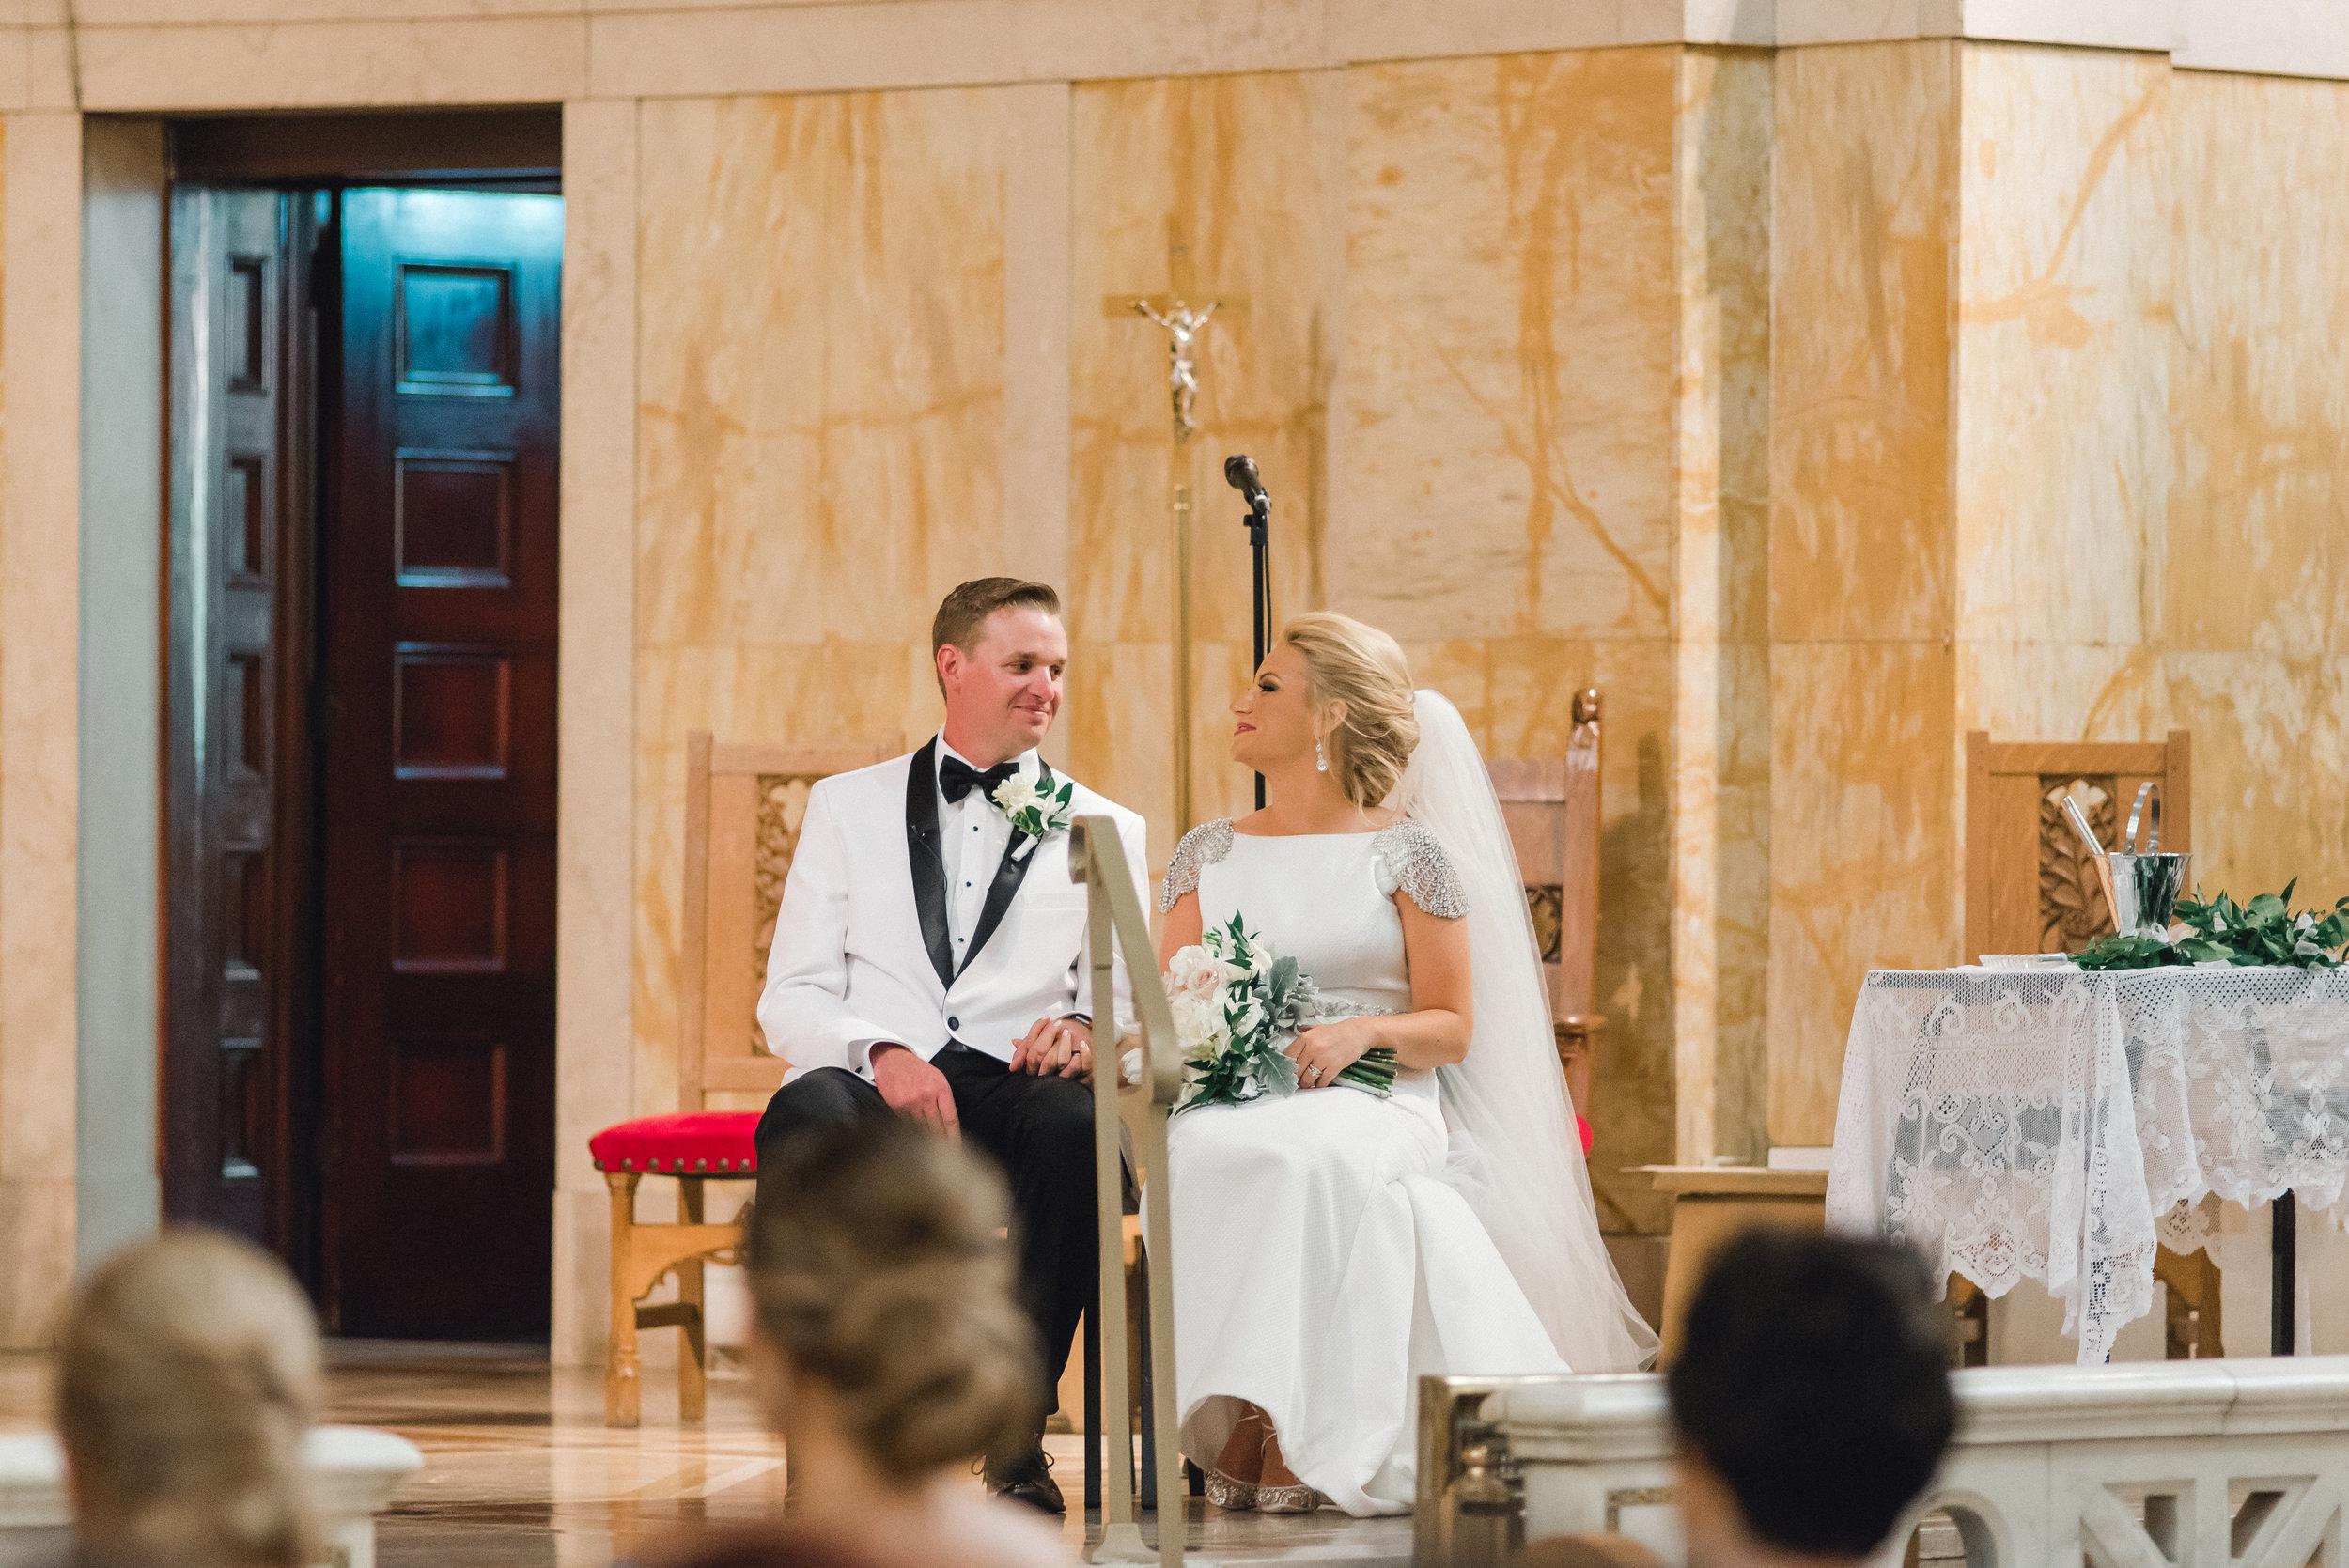 omni-william-penn-wedding-classic-chic-modern-photography-0022.jpg